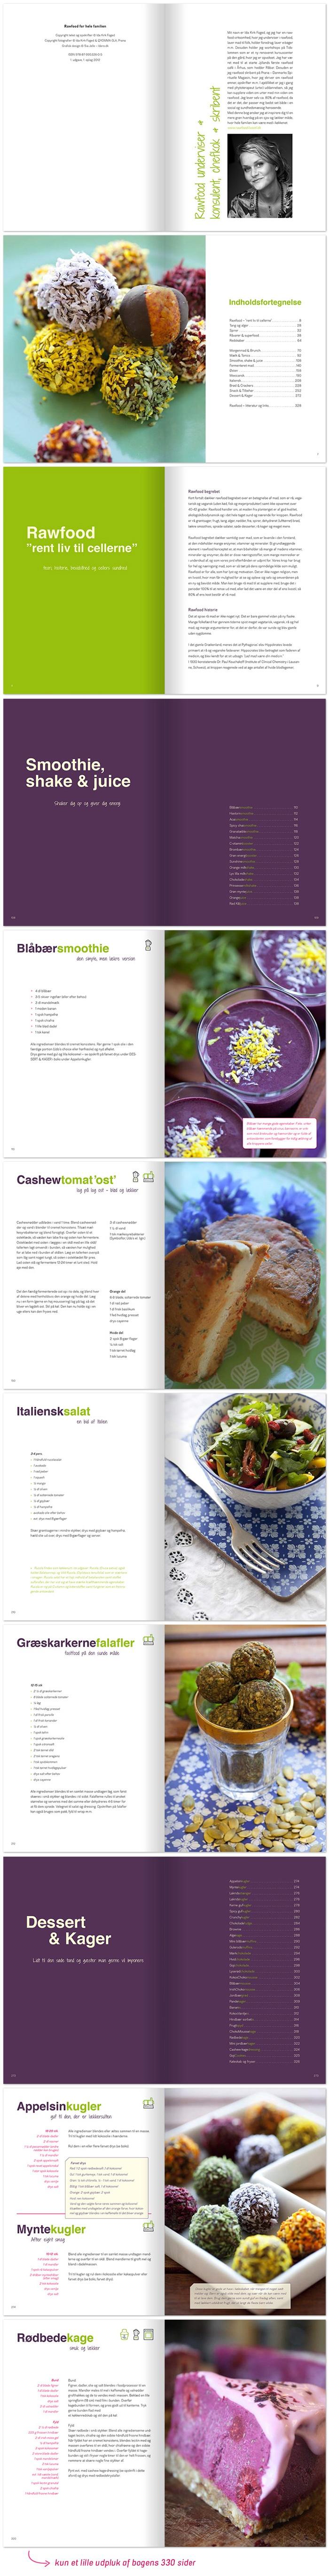 Rawfood recipes (Danish) | Idero